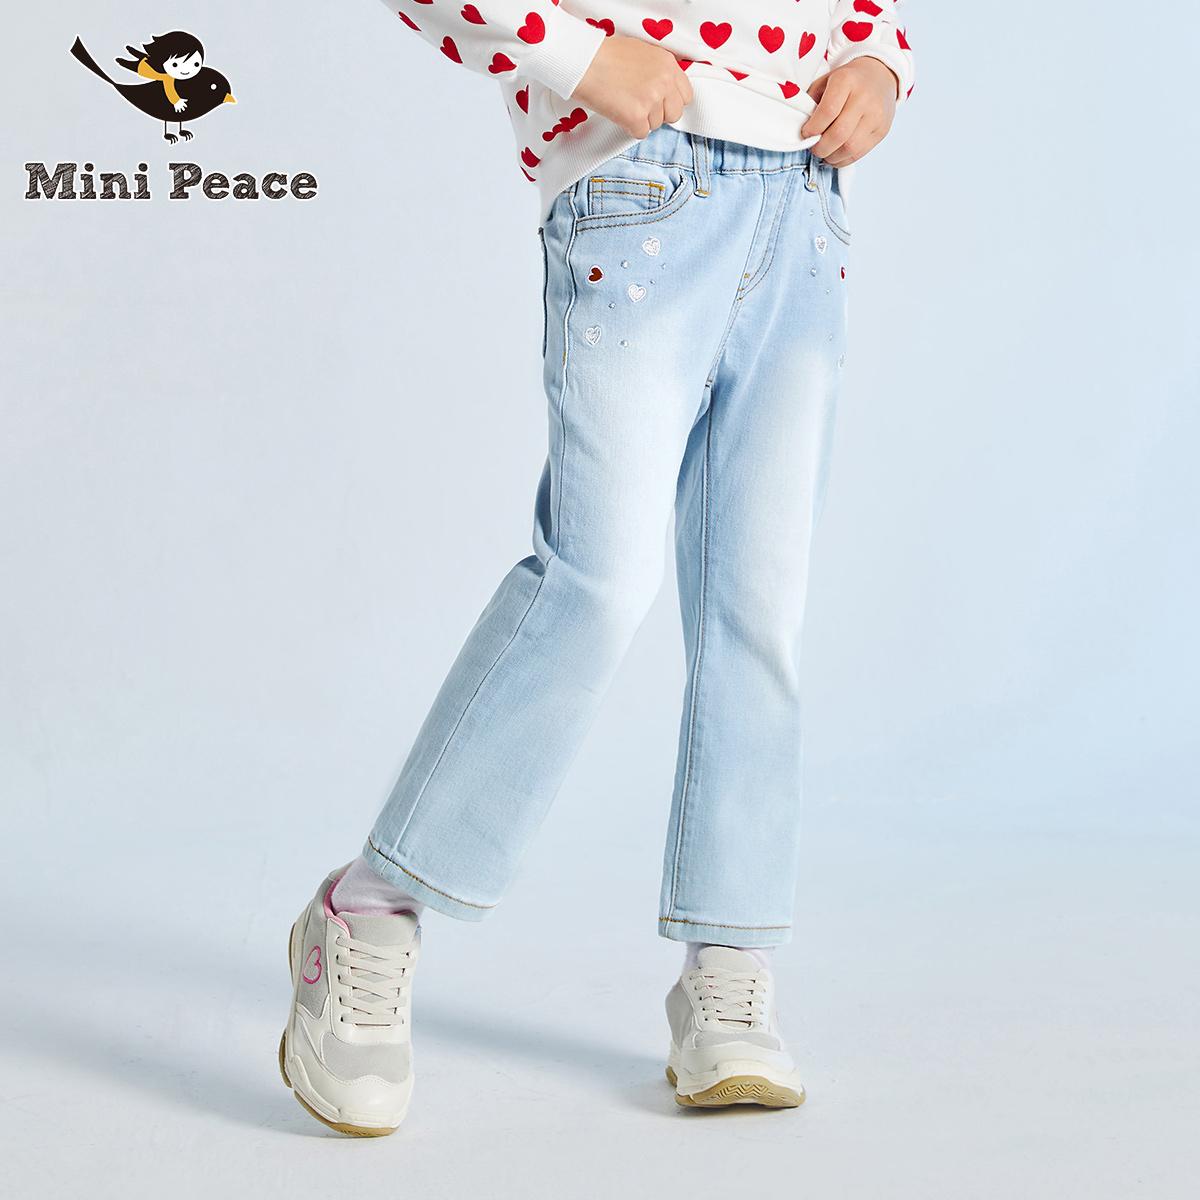 minipeace太平鸟童装 女童浅色牛仔长裤20年春新款爱心刺绣牛仔裤,降价幅度31.7%